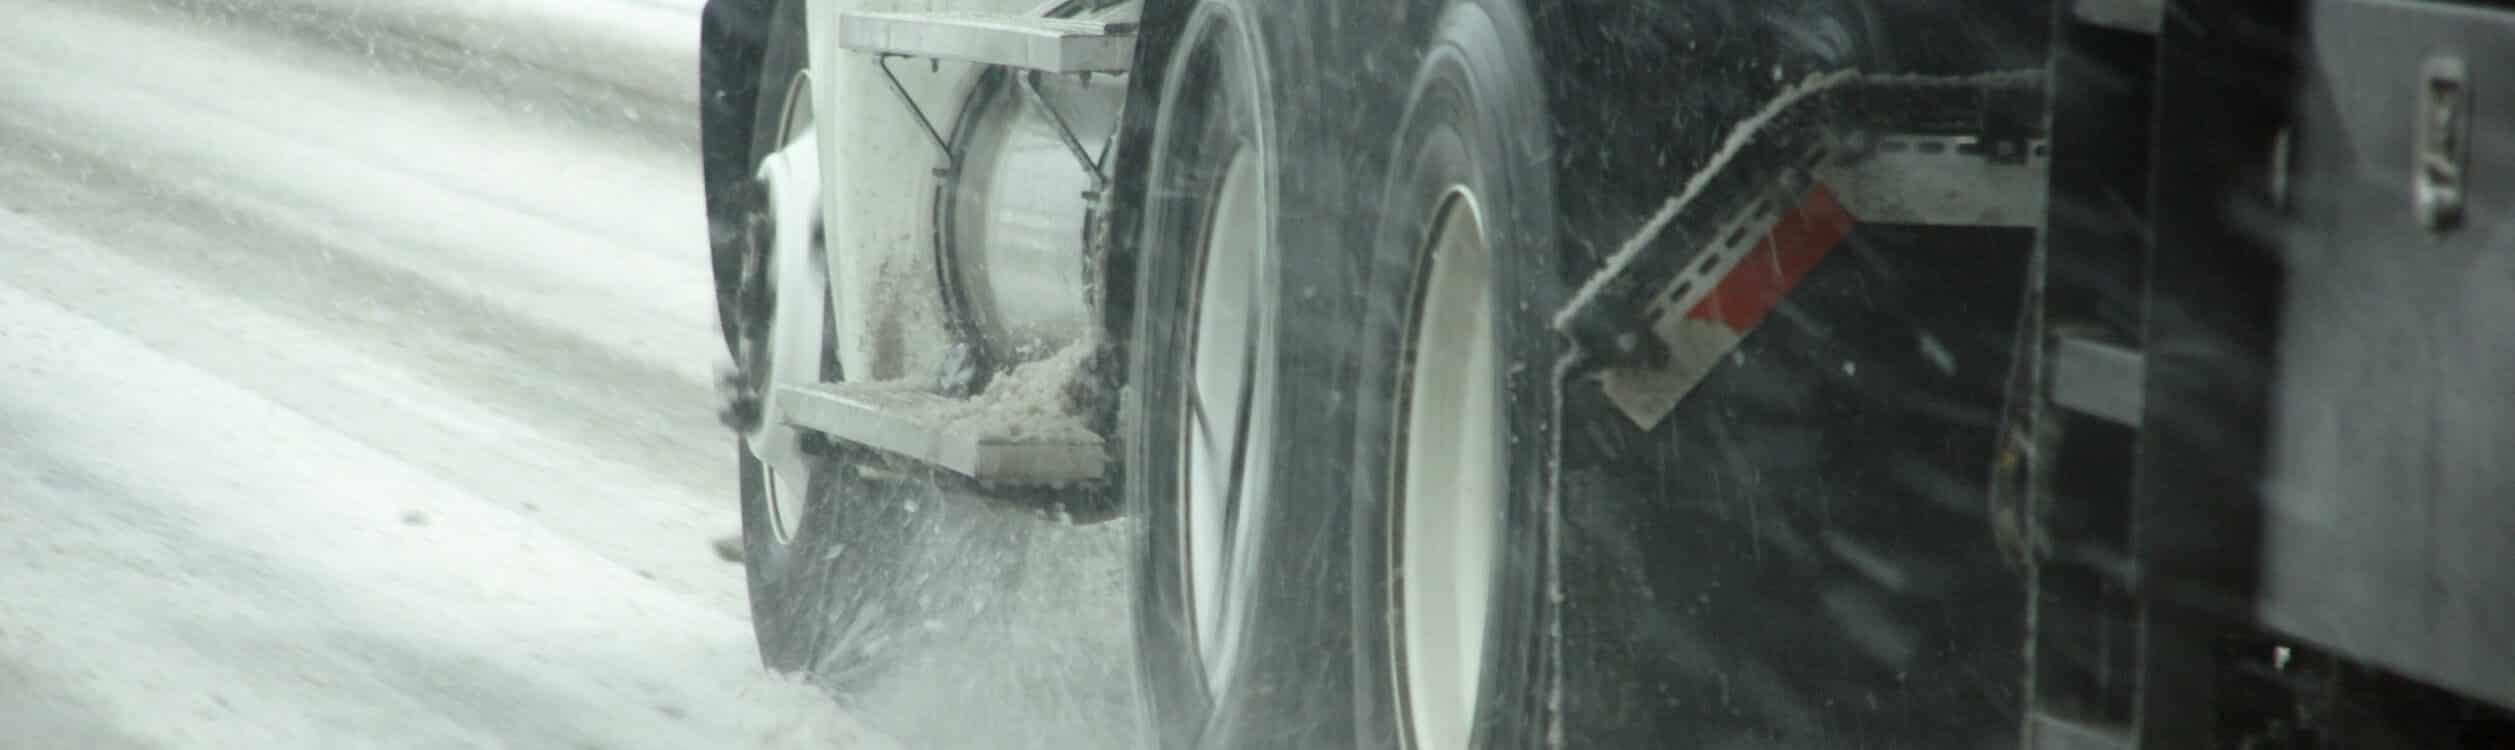 Symbolbild mit LKW im Schnee zum Artikel über die LKW-Winterreifenpflicht.